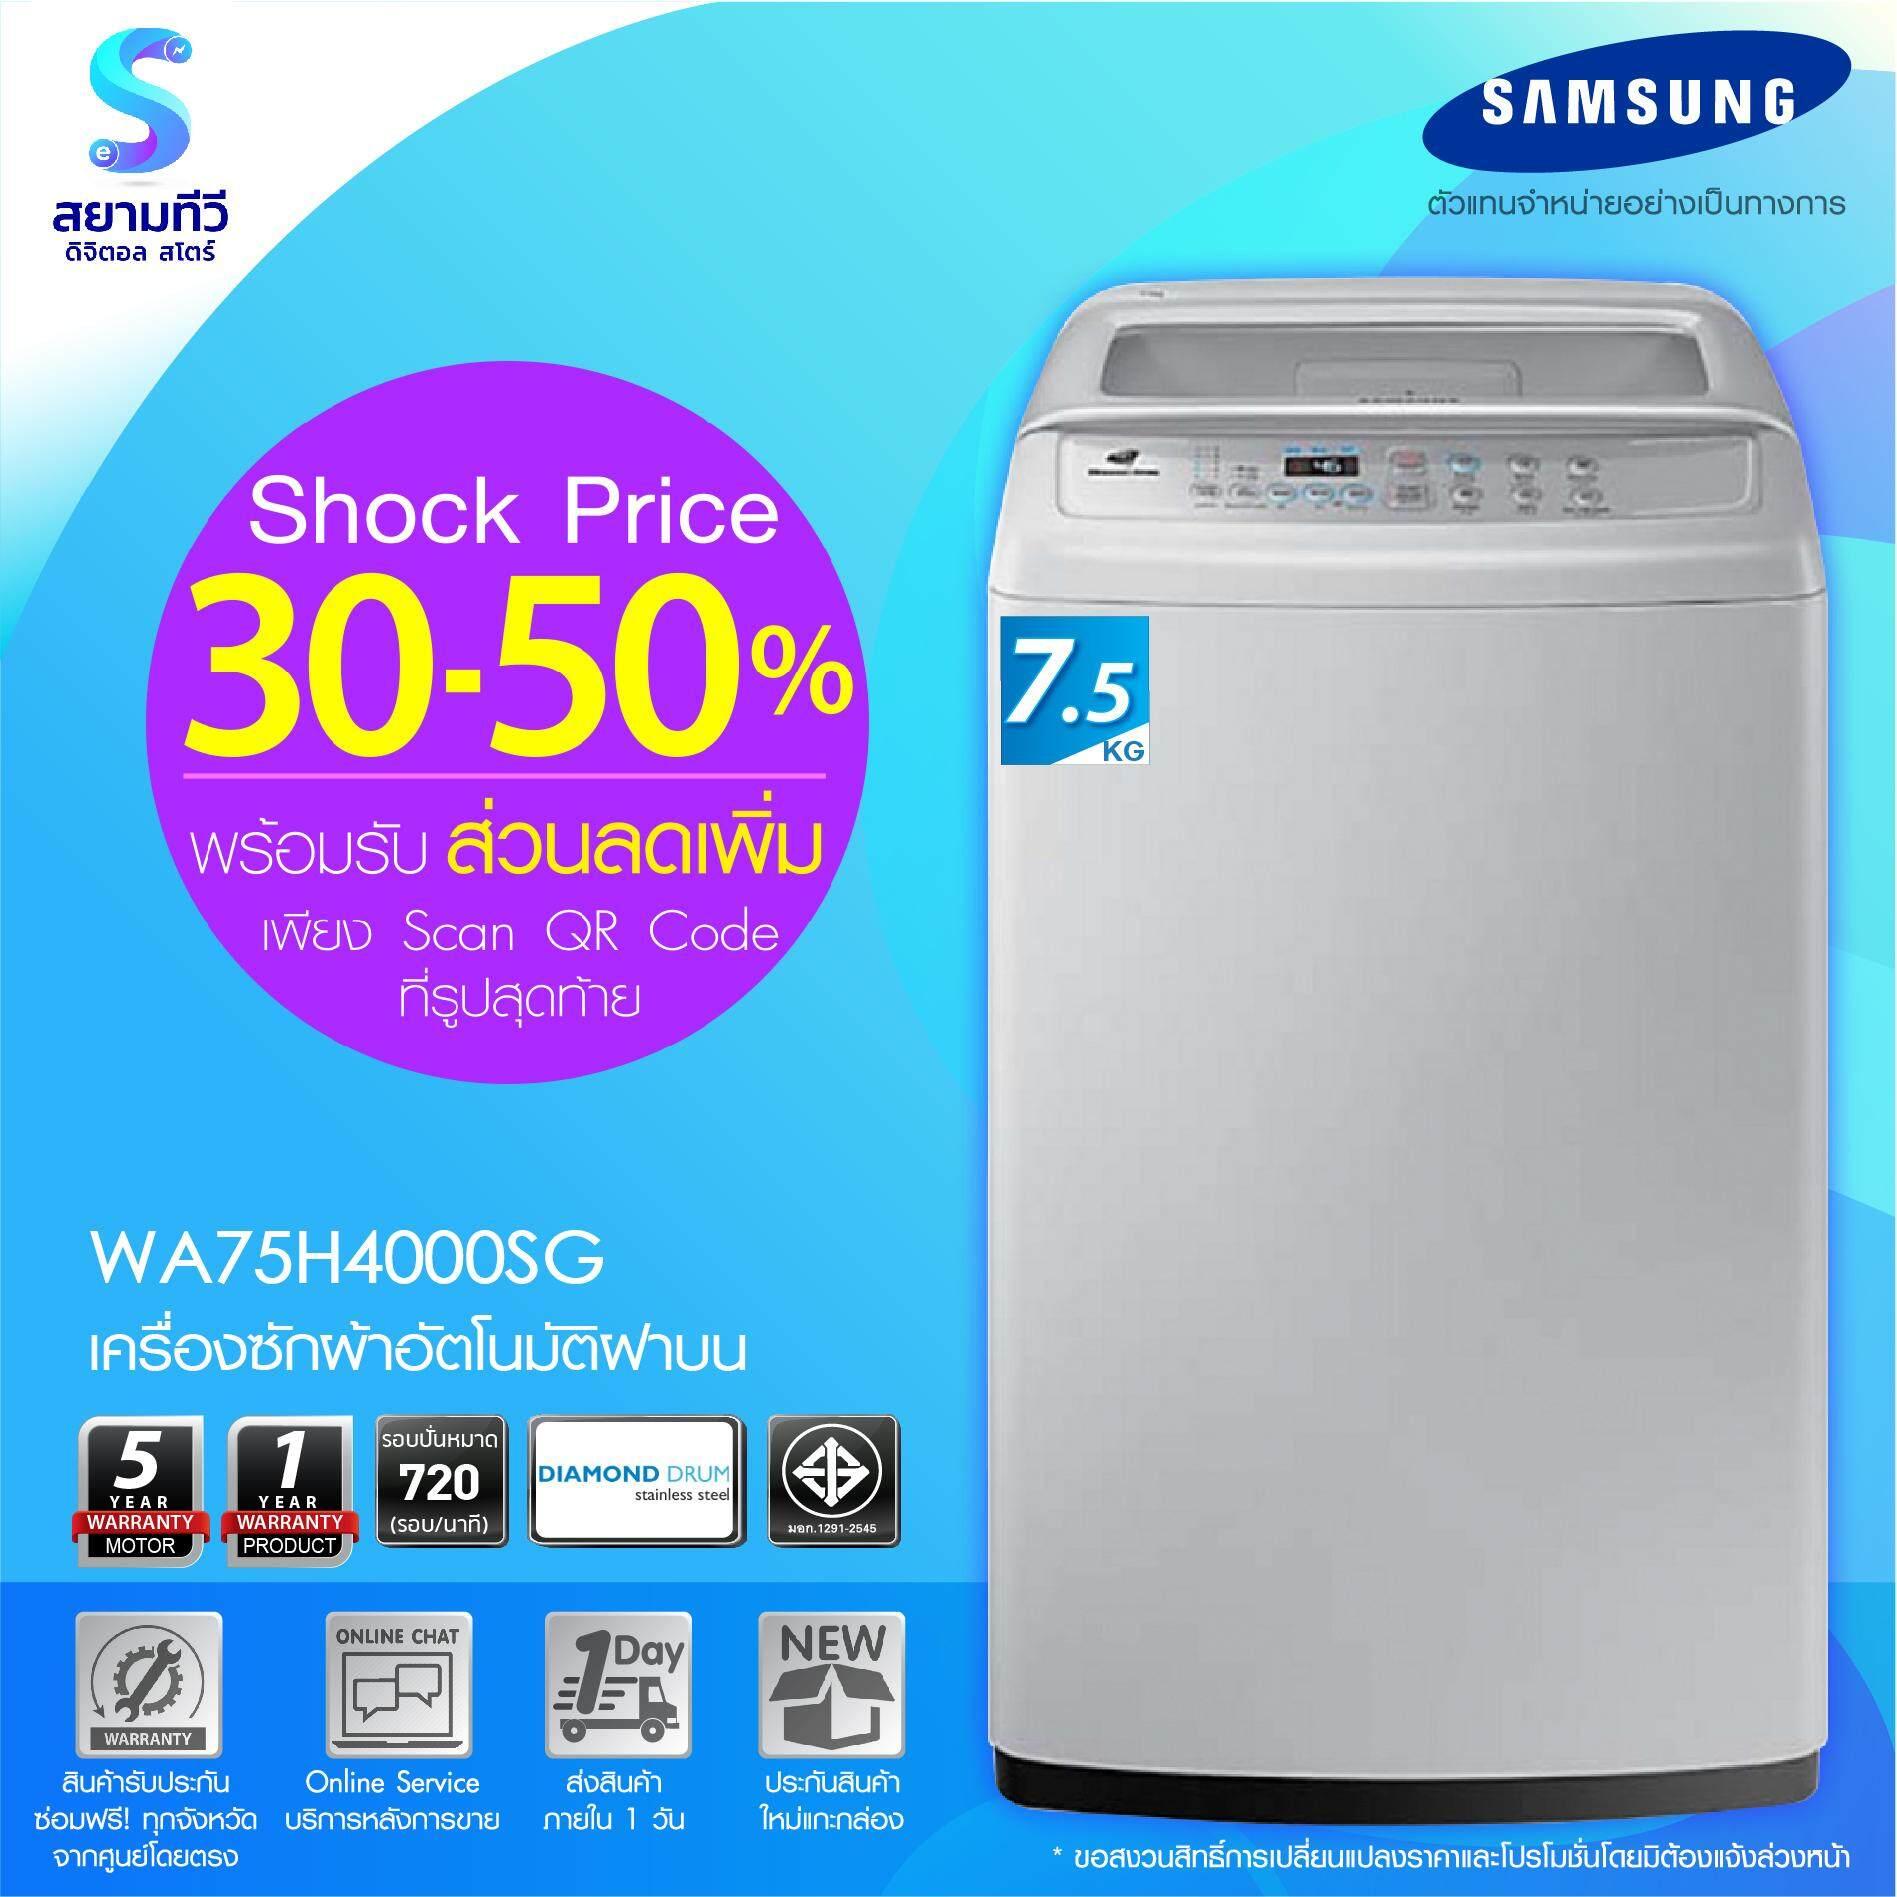 เครื่องซักผ้าอัตโนมัติฝาบน Samsung รุ่น Wa75h4000sg ( Grey ) By Chiangmai Siam T.v..